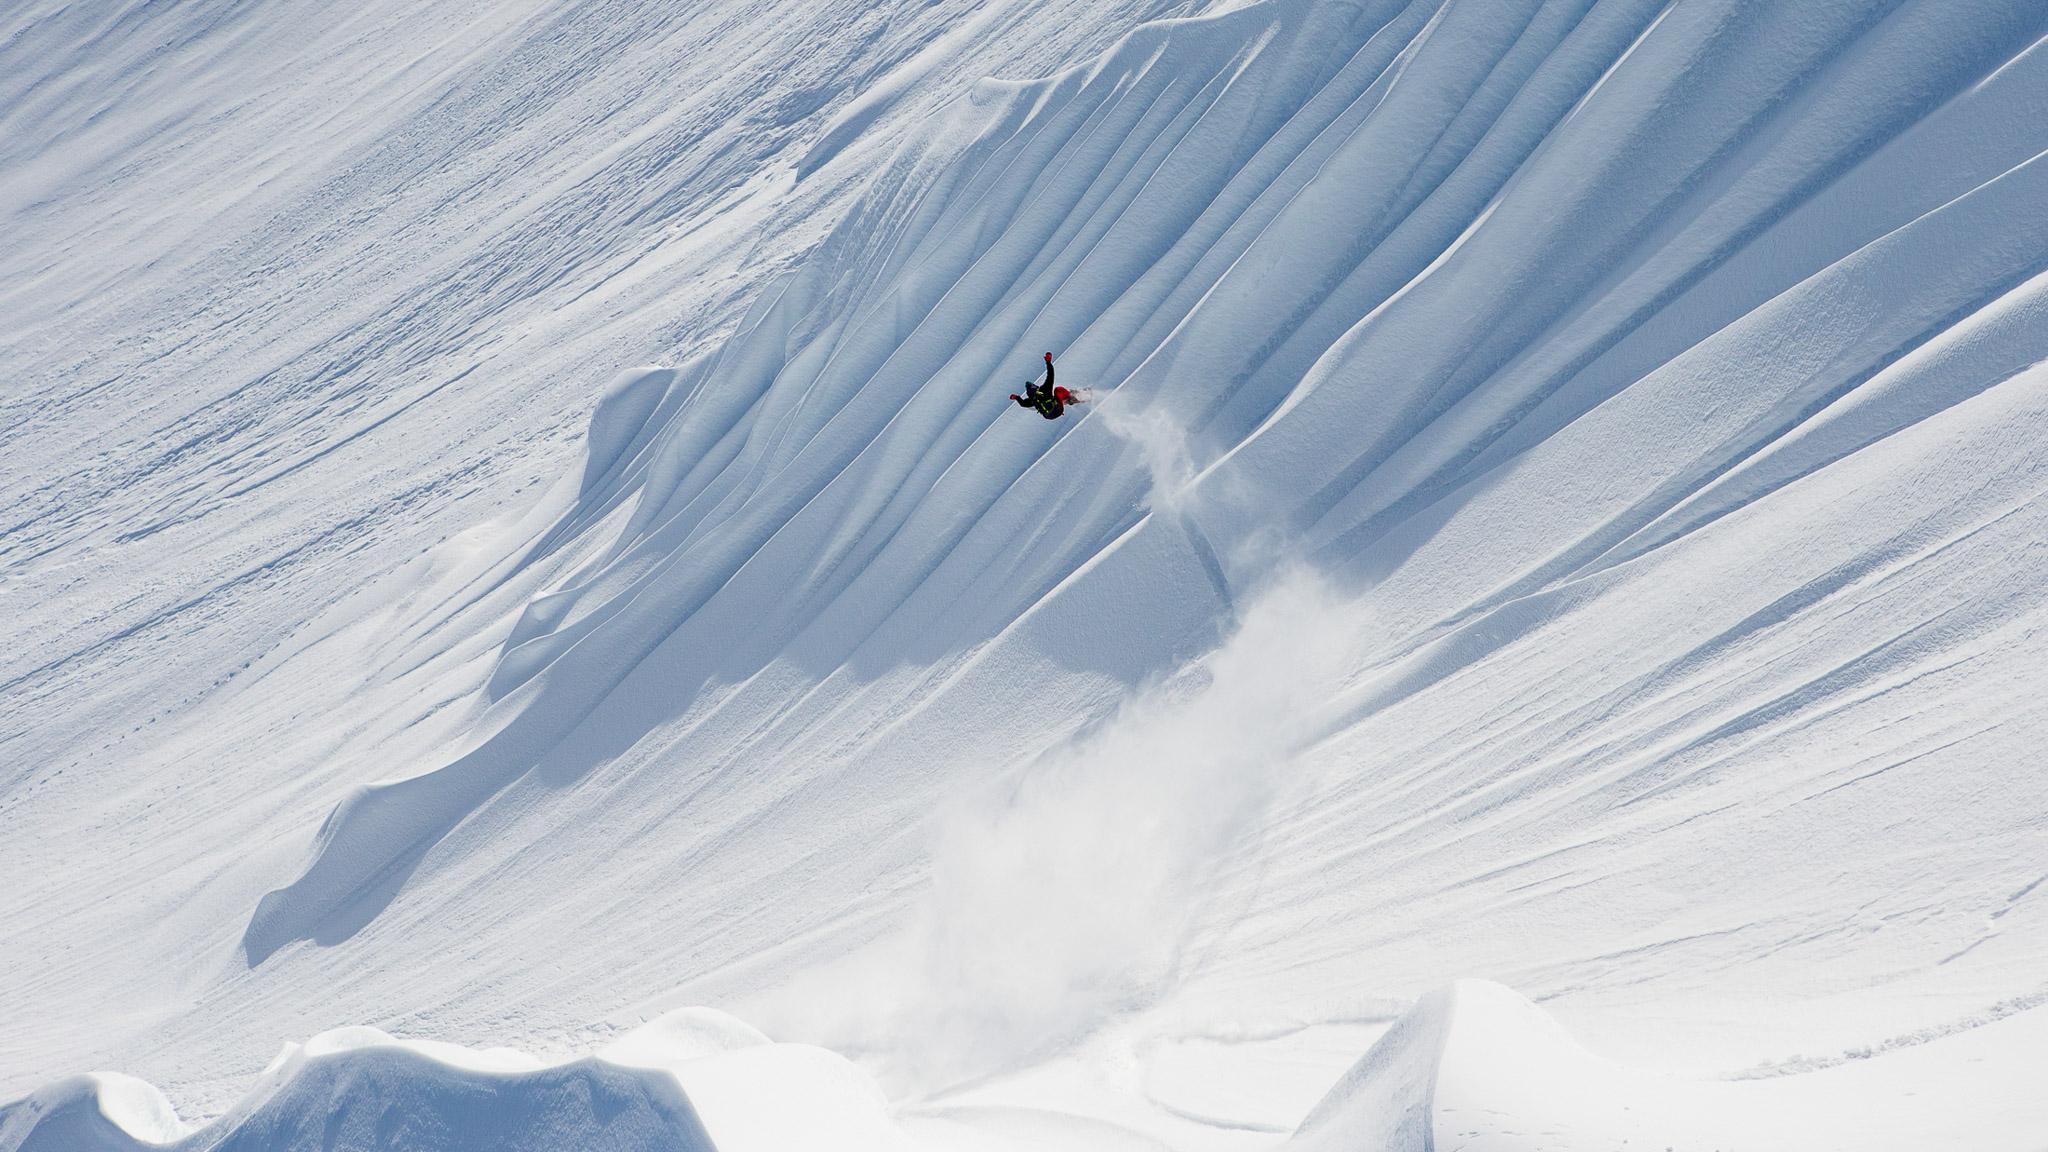 Nicolas Mueller, Haines, Alaska